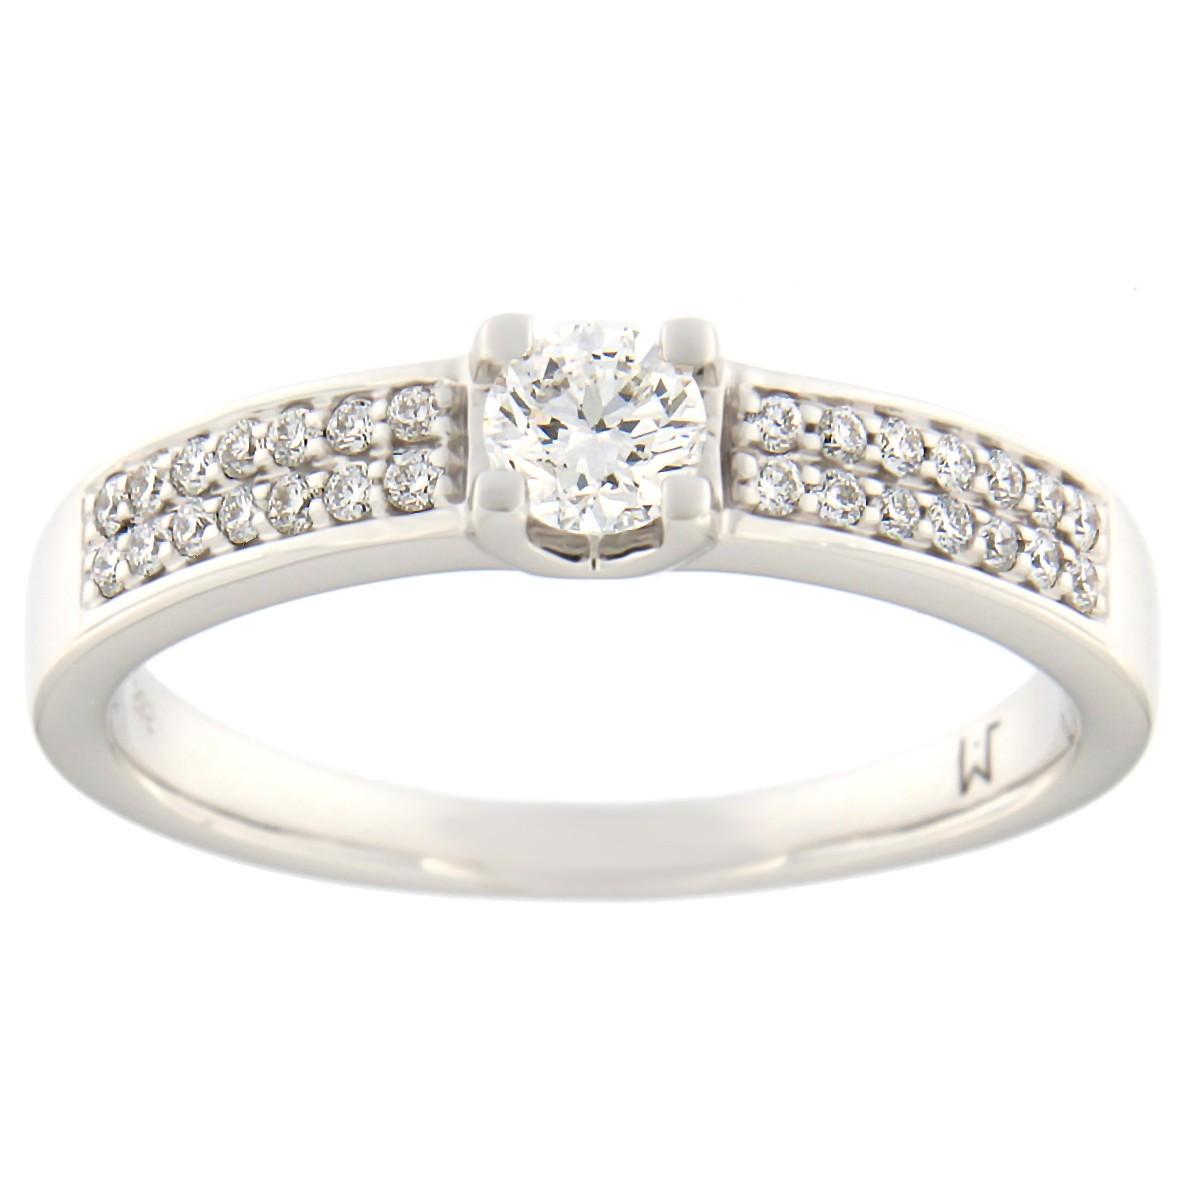 Kullast sõrmus teemantidega 0,38 ct. Kood: 81at